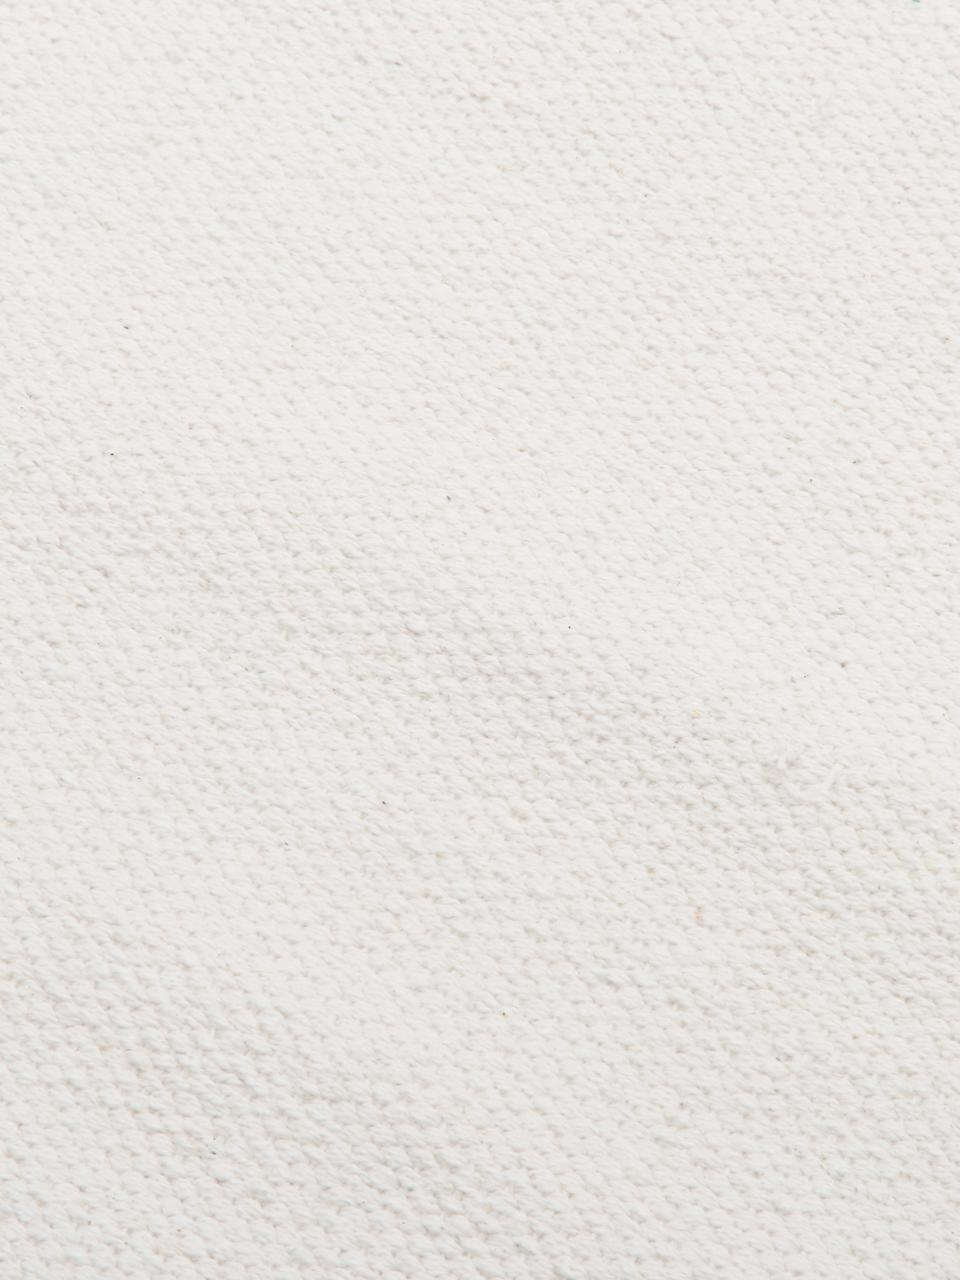 Tappeto in cotone tessuto a mano Agneta, 100% cotone, Bianco crema, Larg. 200 x Lung. 300 cm (taglia L)